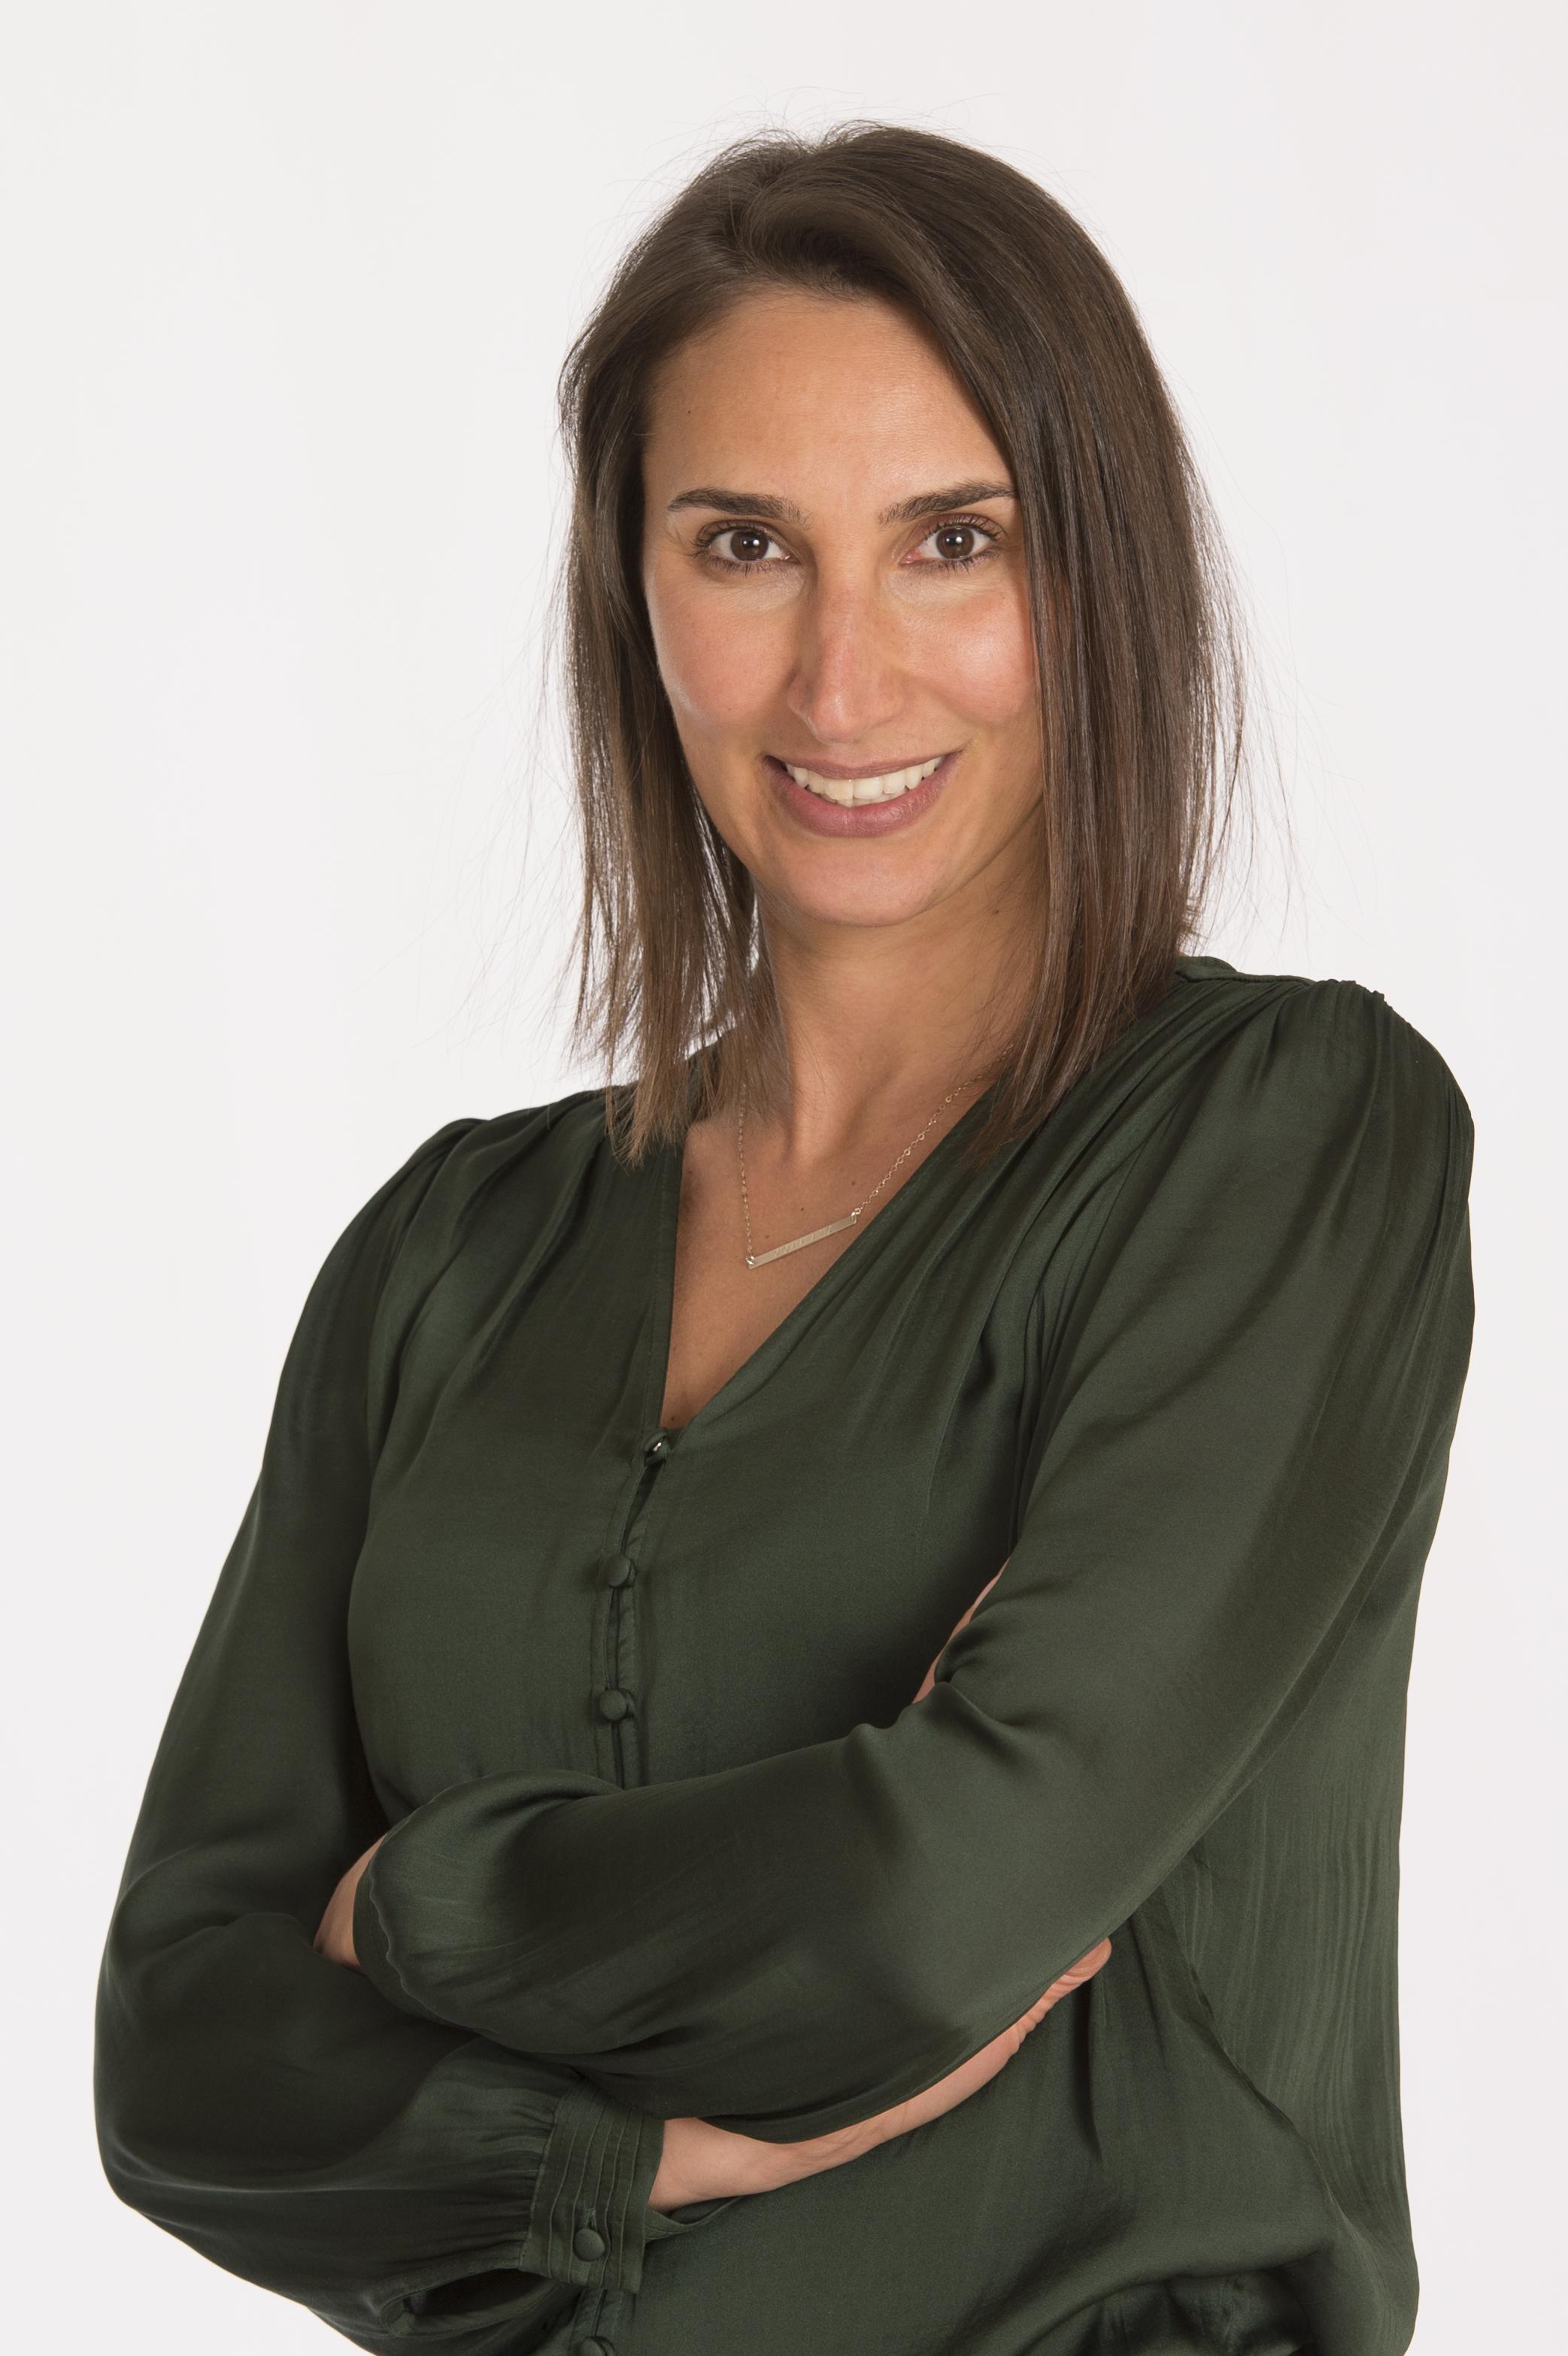 Caitlin Polistena, MD